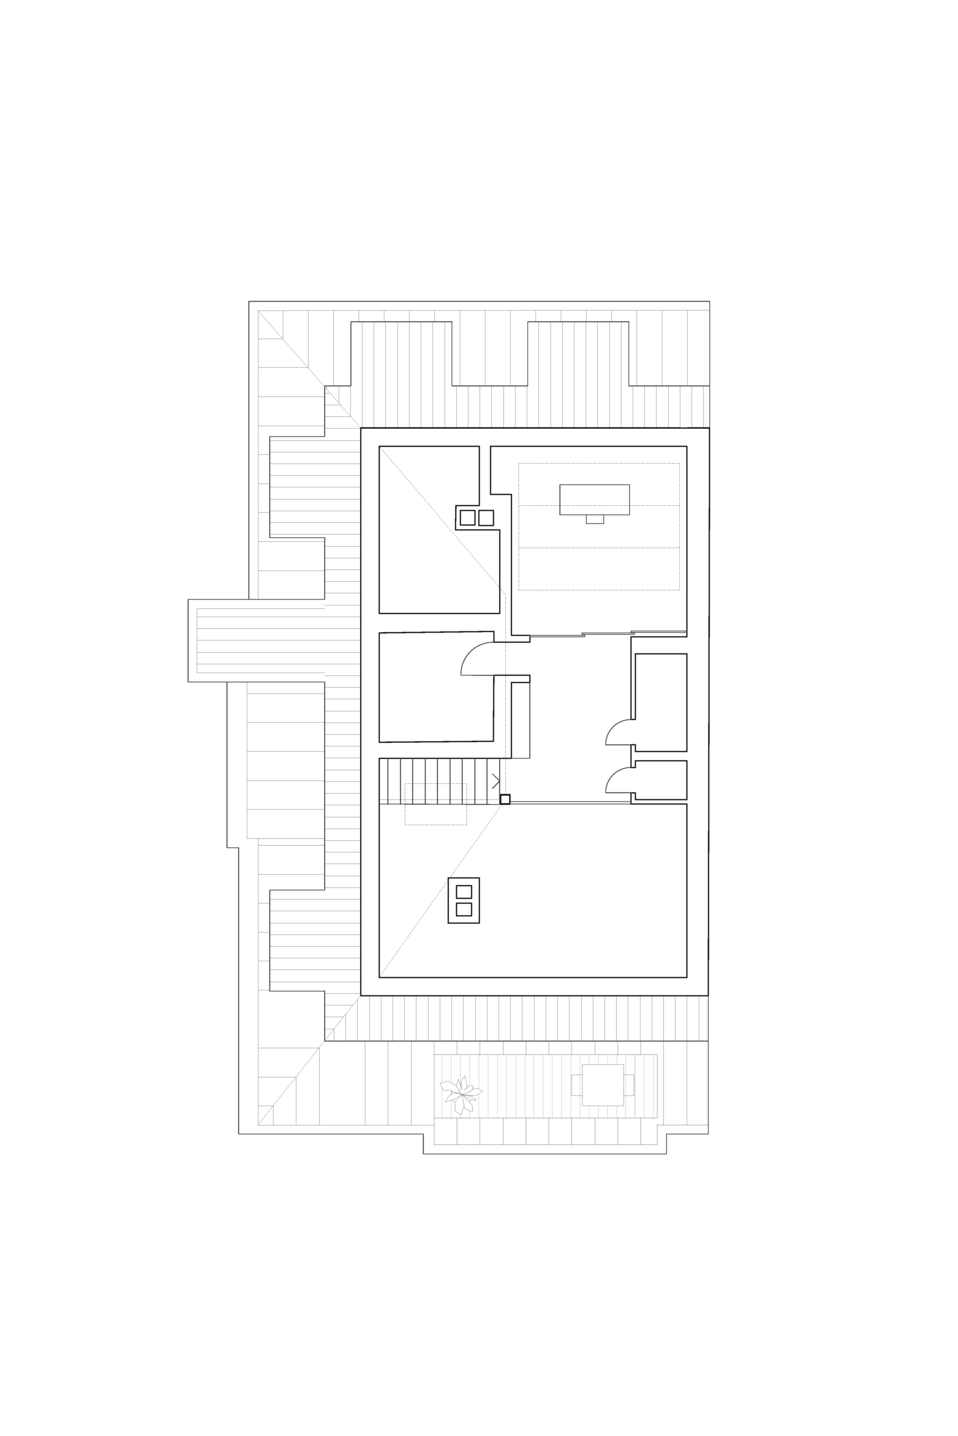 054-LIN-04-DG2.png